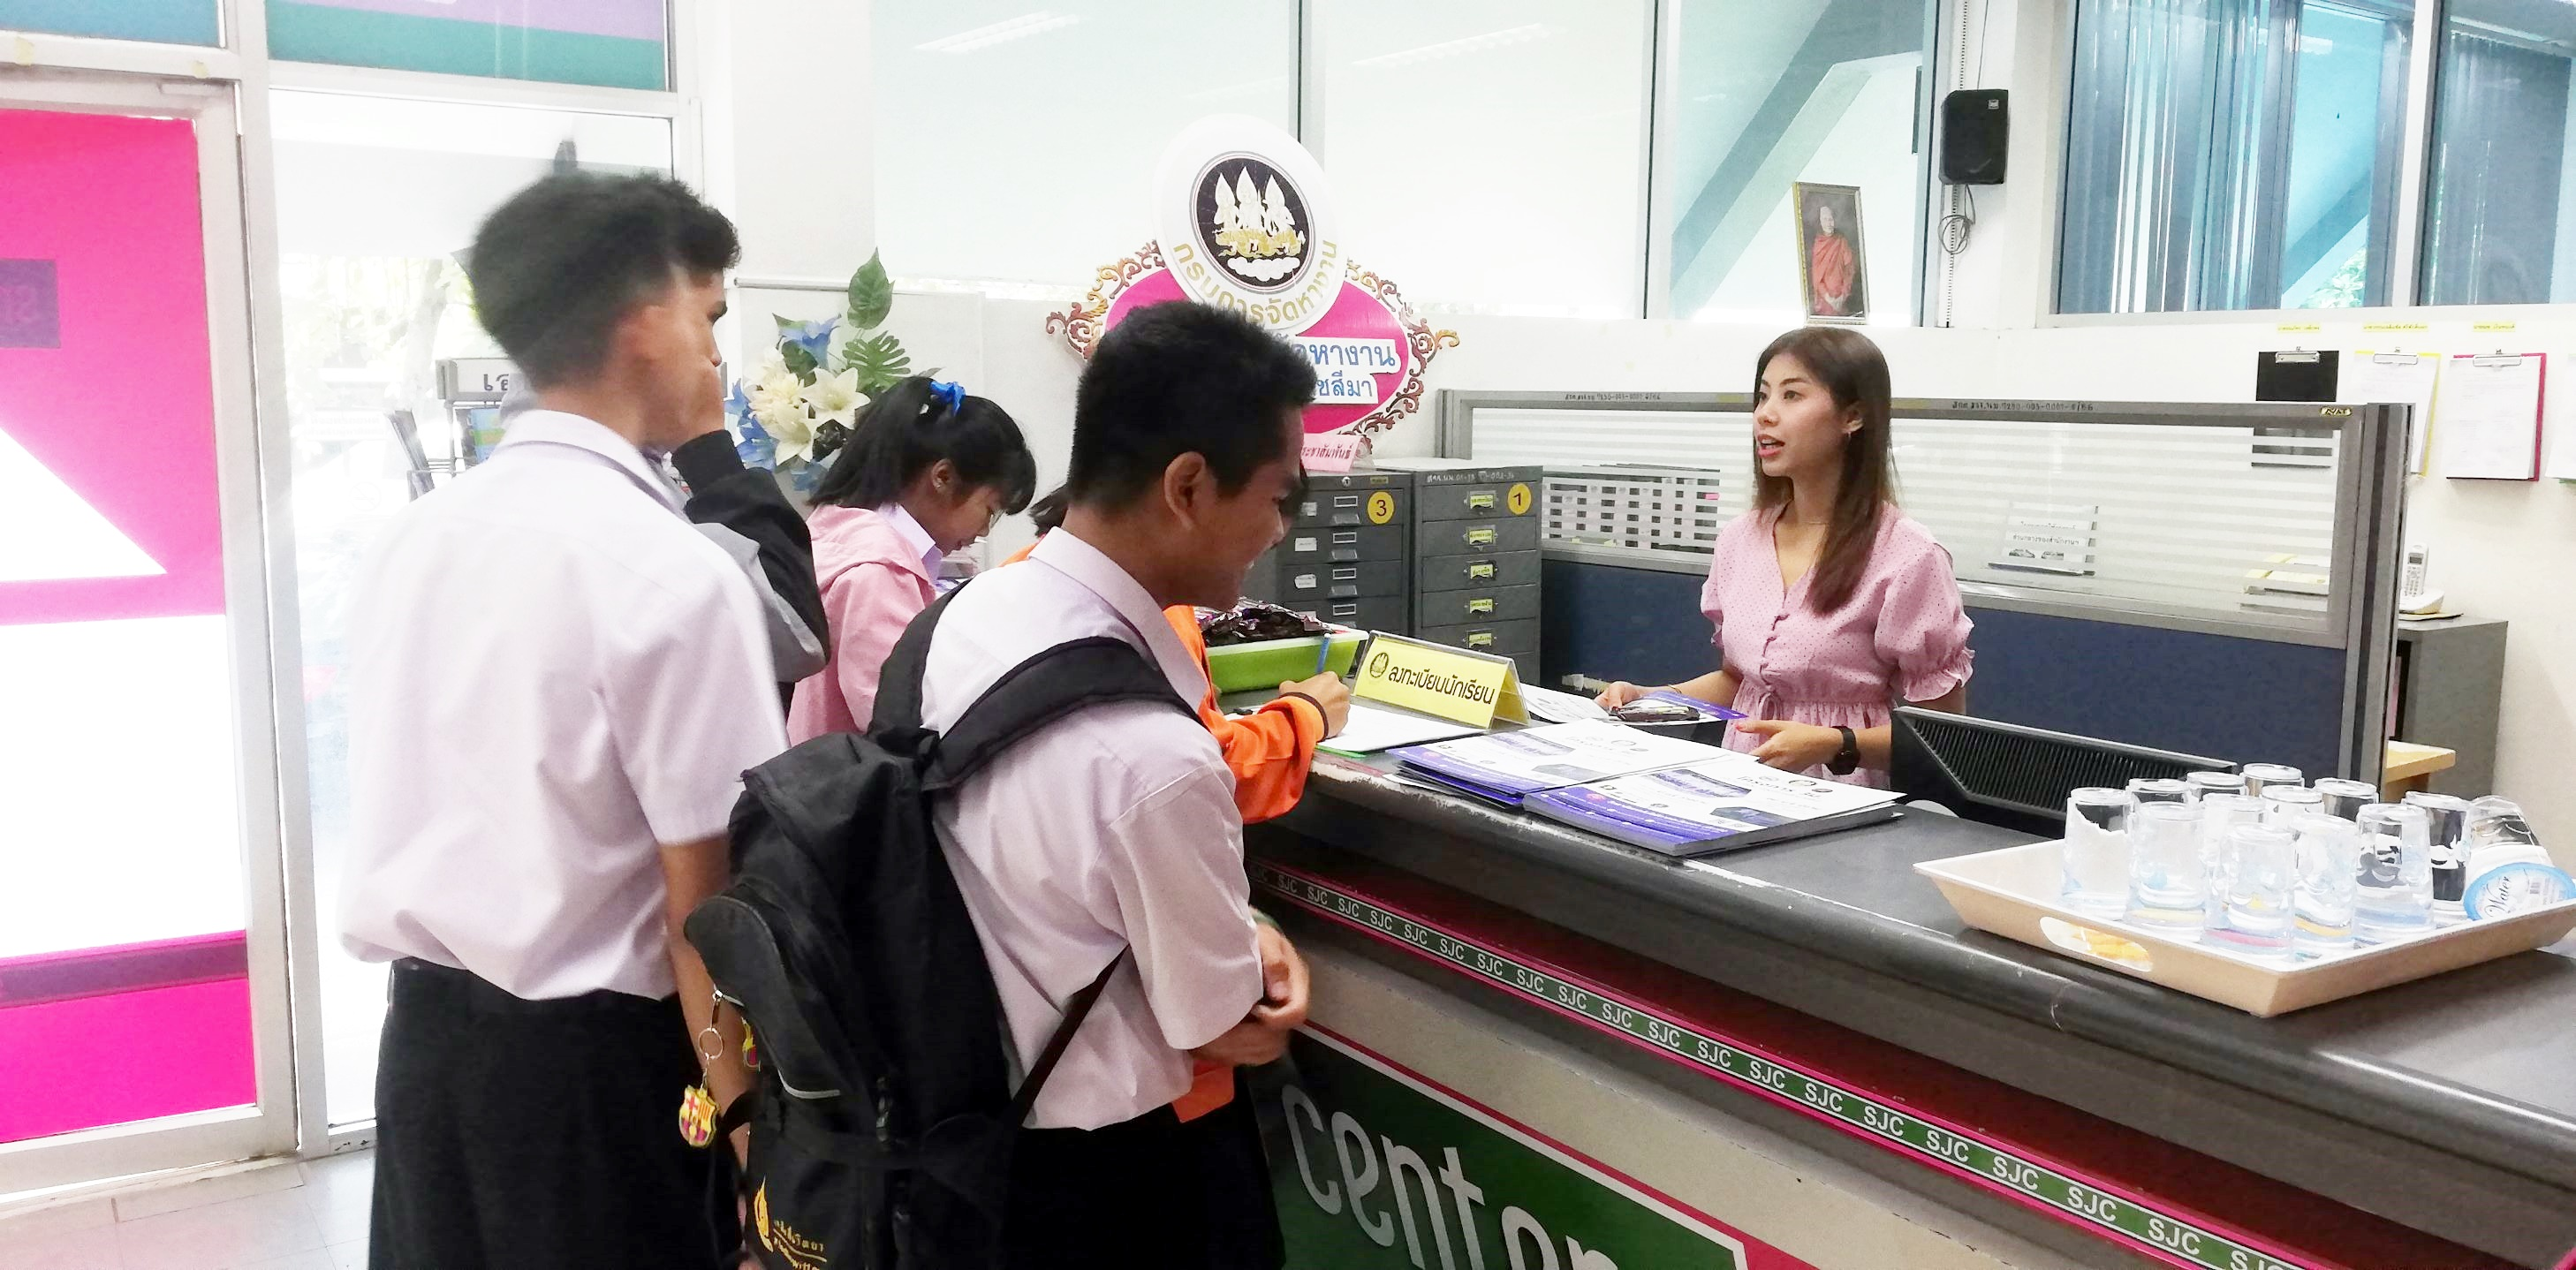 การสัมภาษณ์เพื่อคัดเลือกนักเรียนเข้าร่วมโครงการ 3 ม. (มีงาน มีเงิน มีวุฒิการศึกษาเพิ่ม) ประจำปี 2563